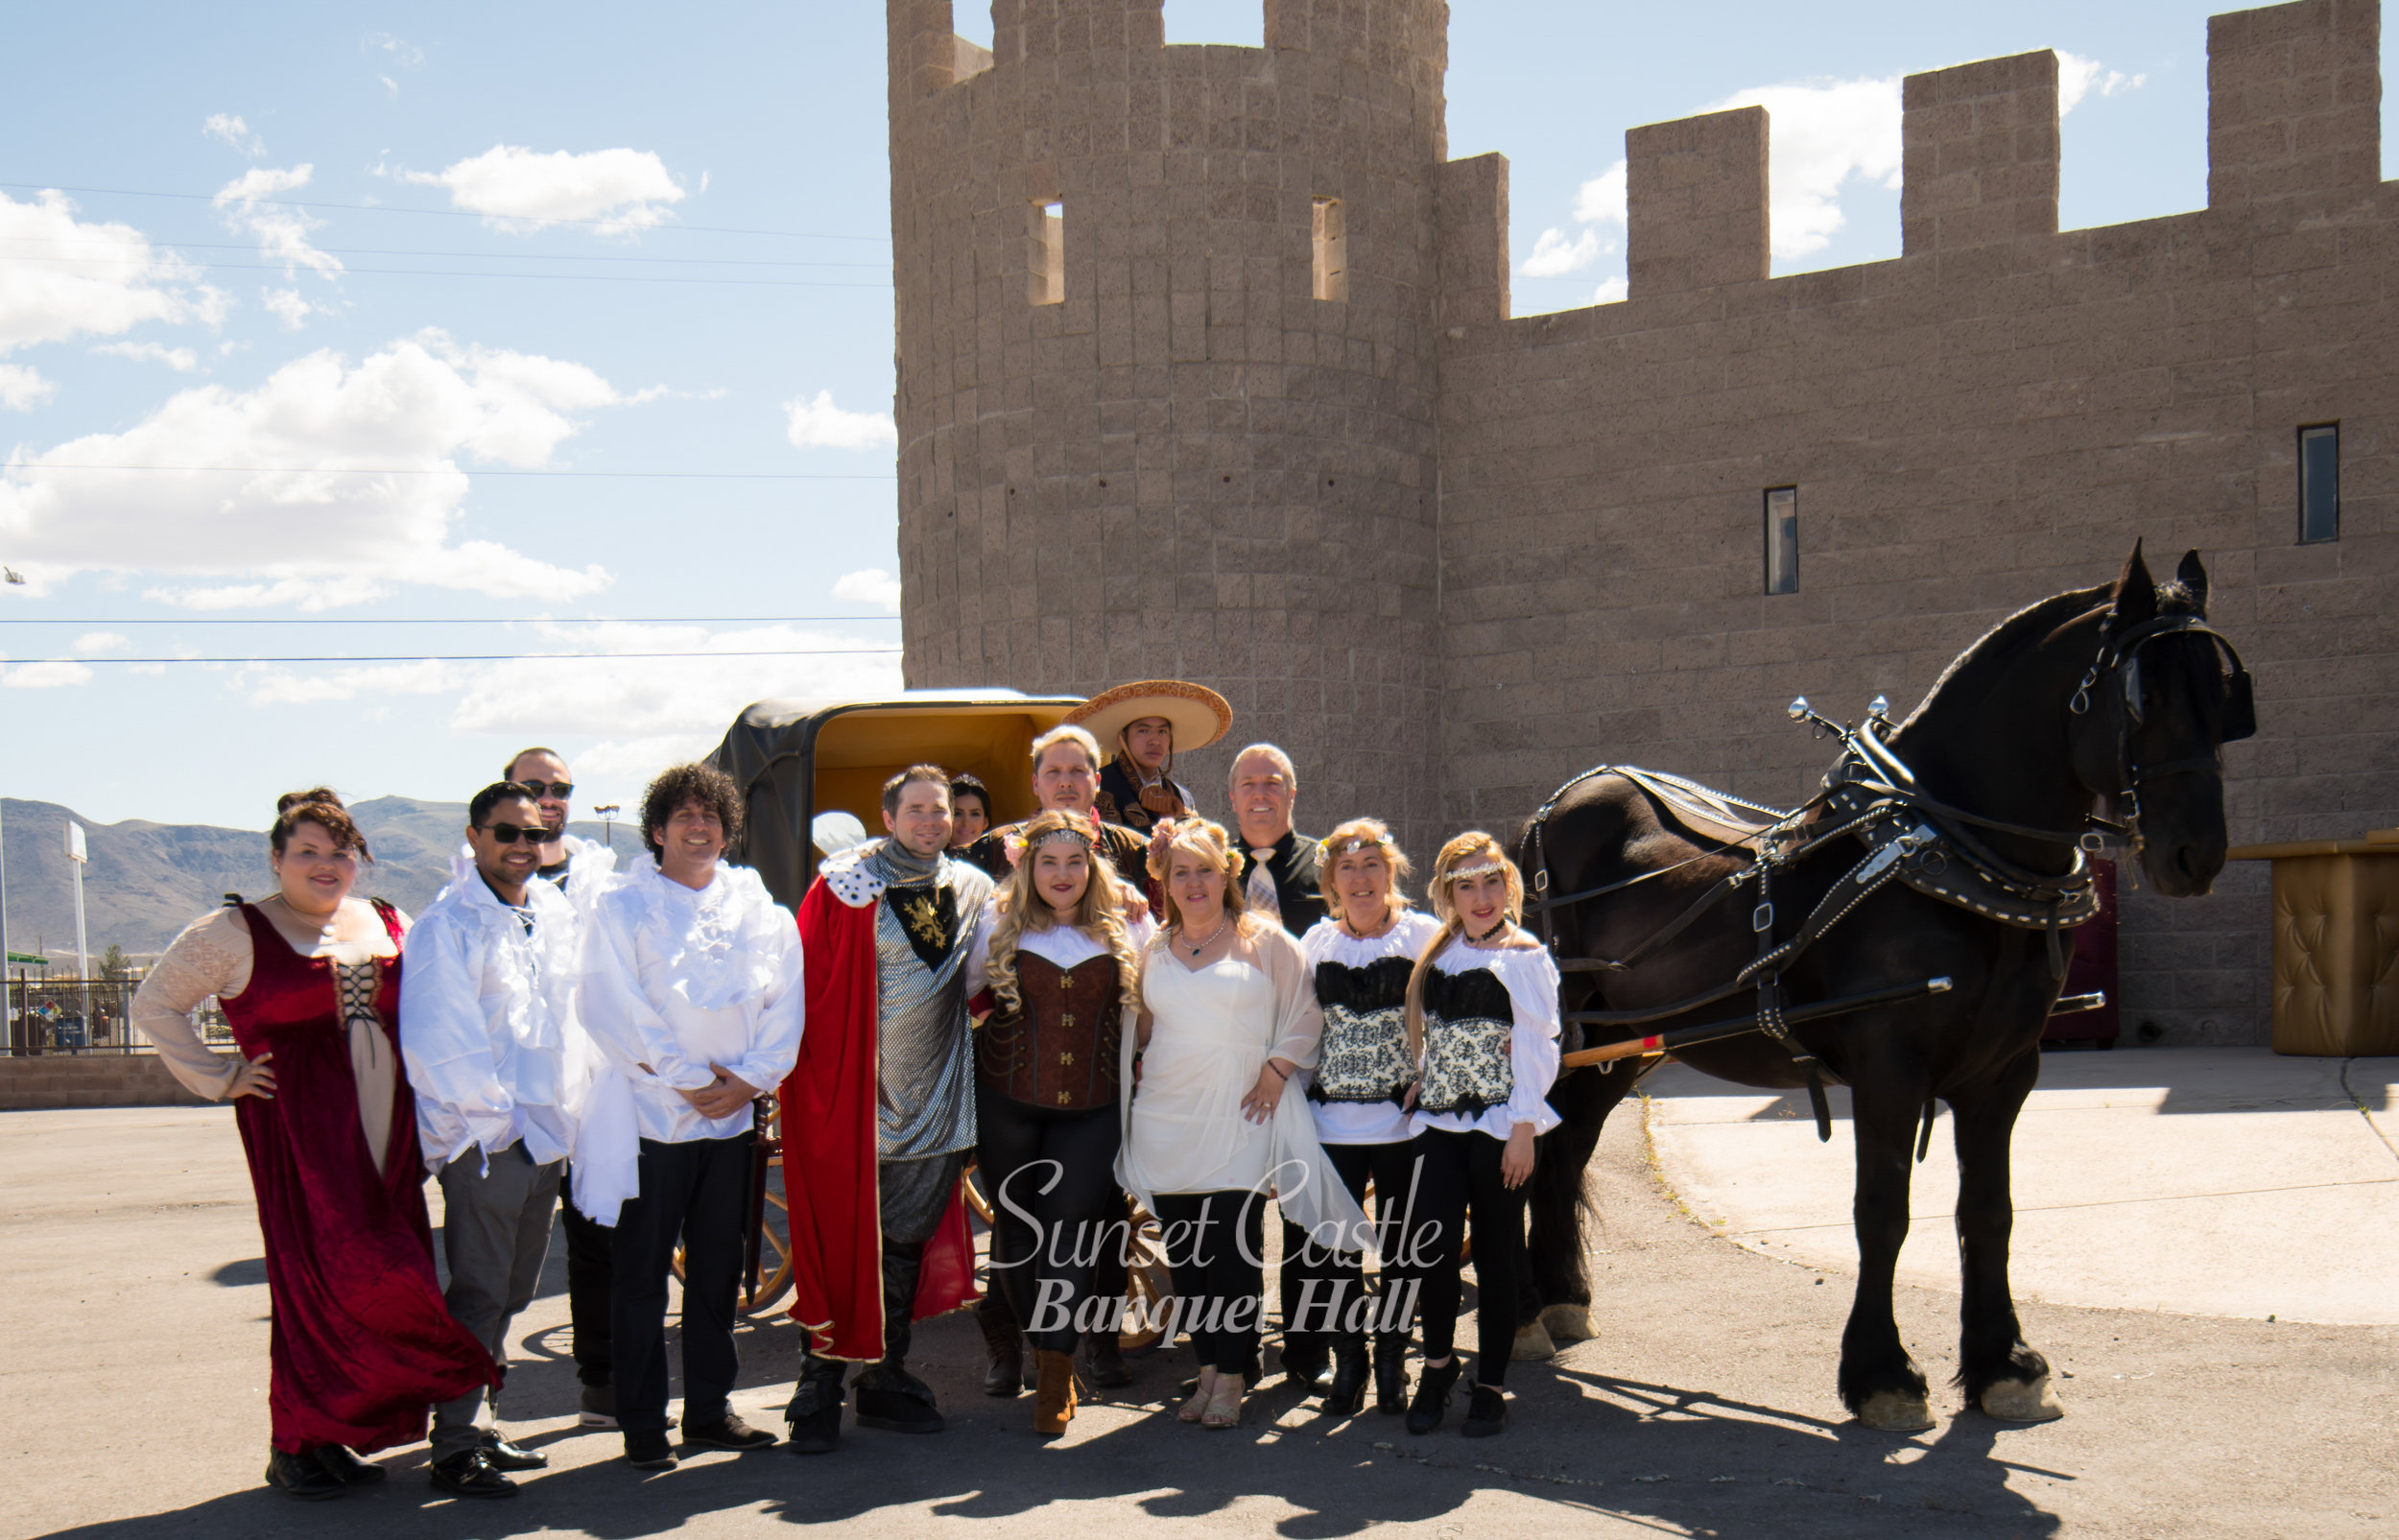 Sunset Castle's Family